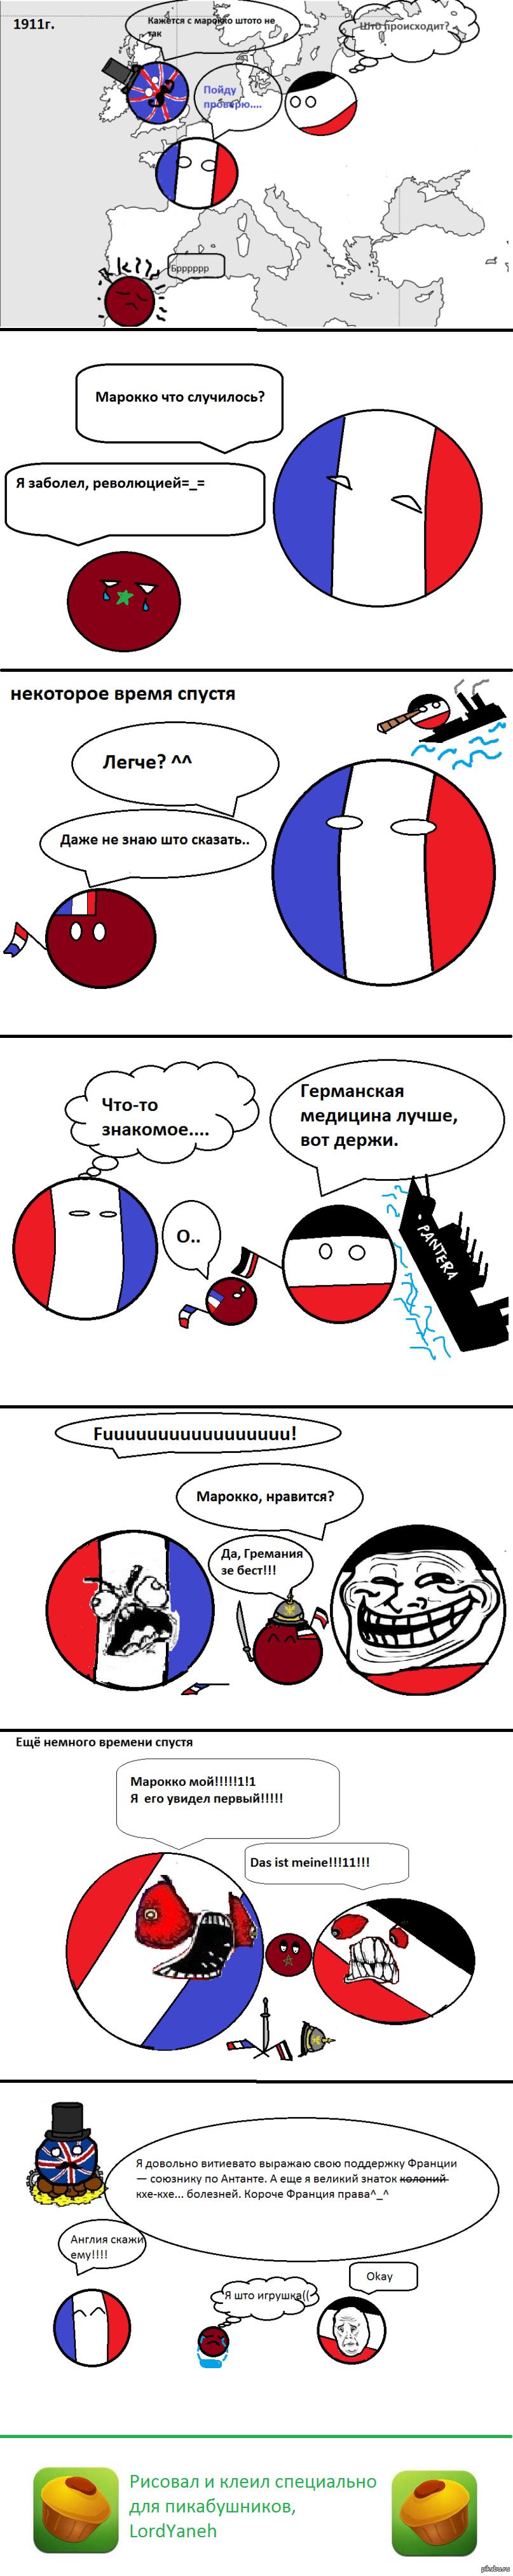 История с шаространами Агадирский кризис 1911г.